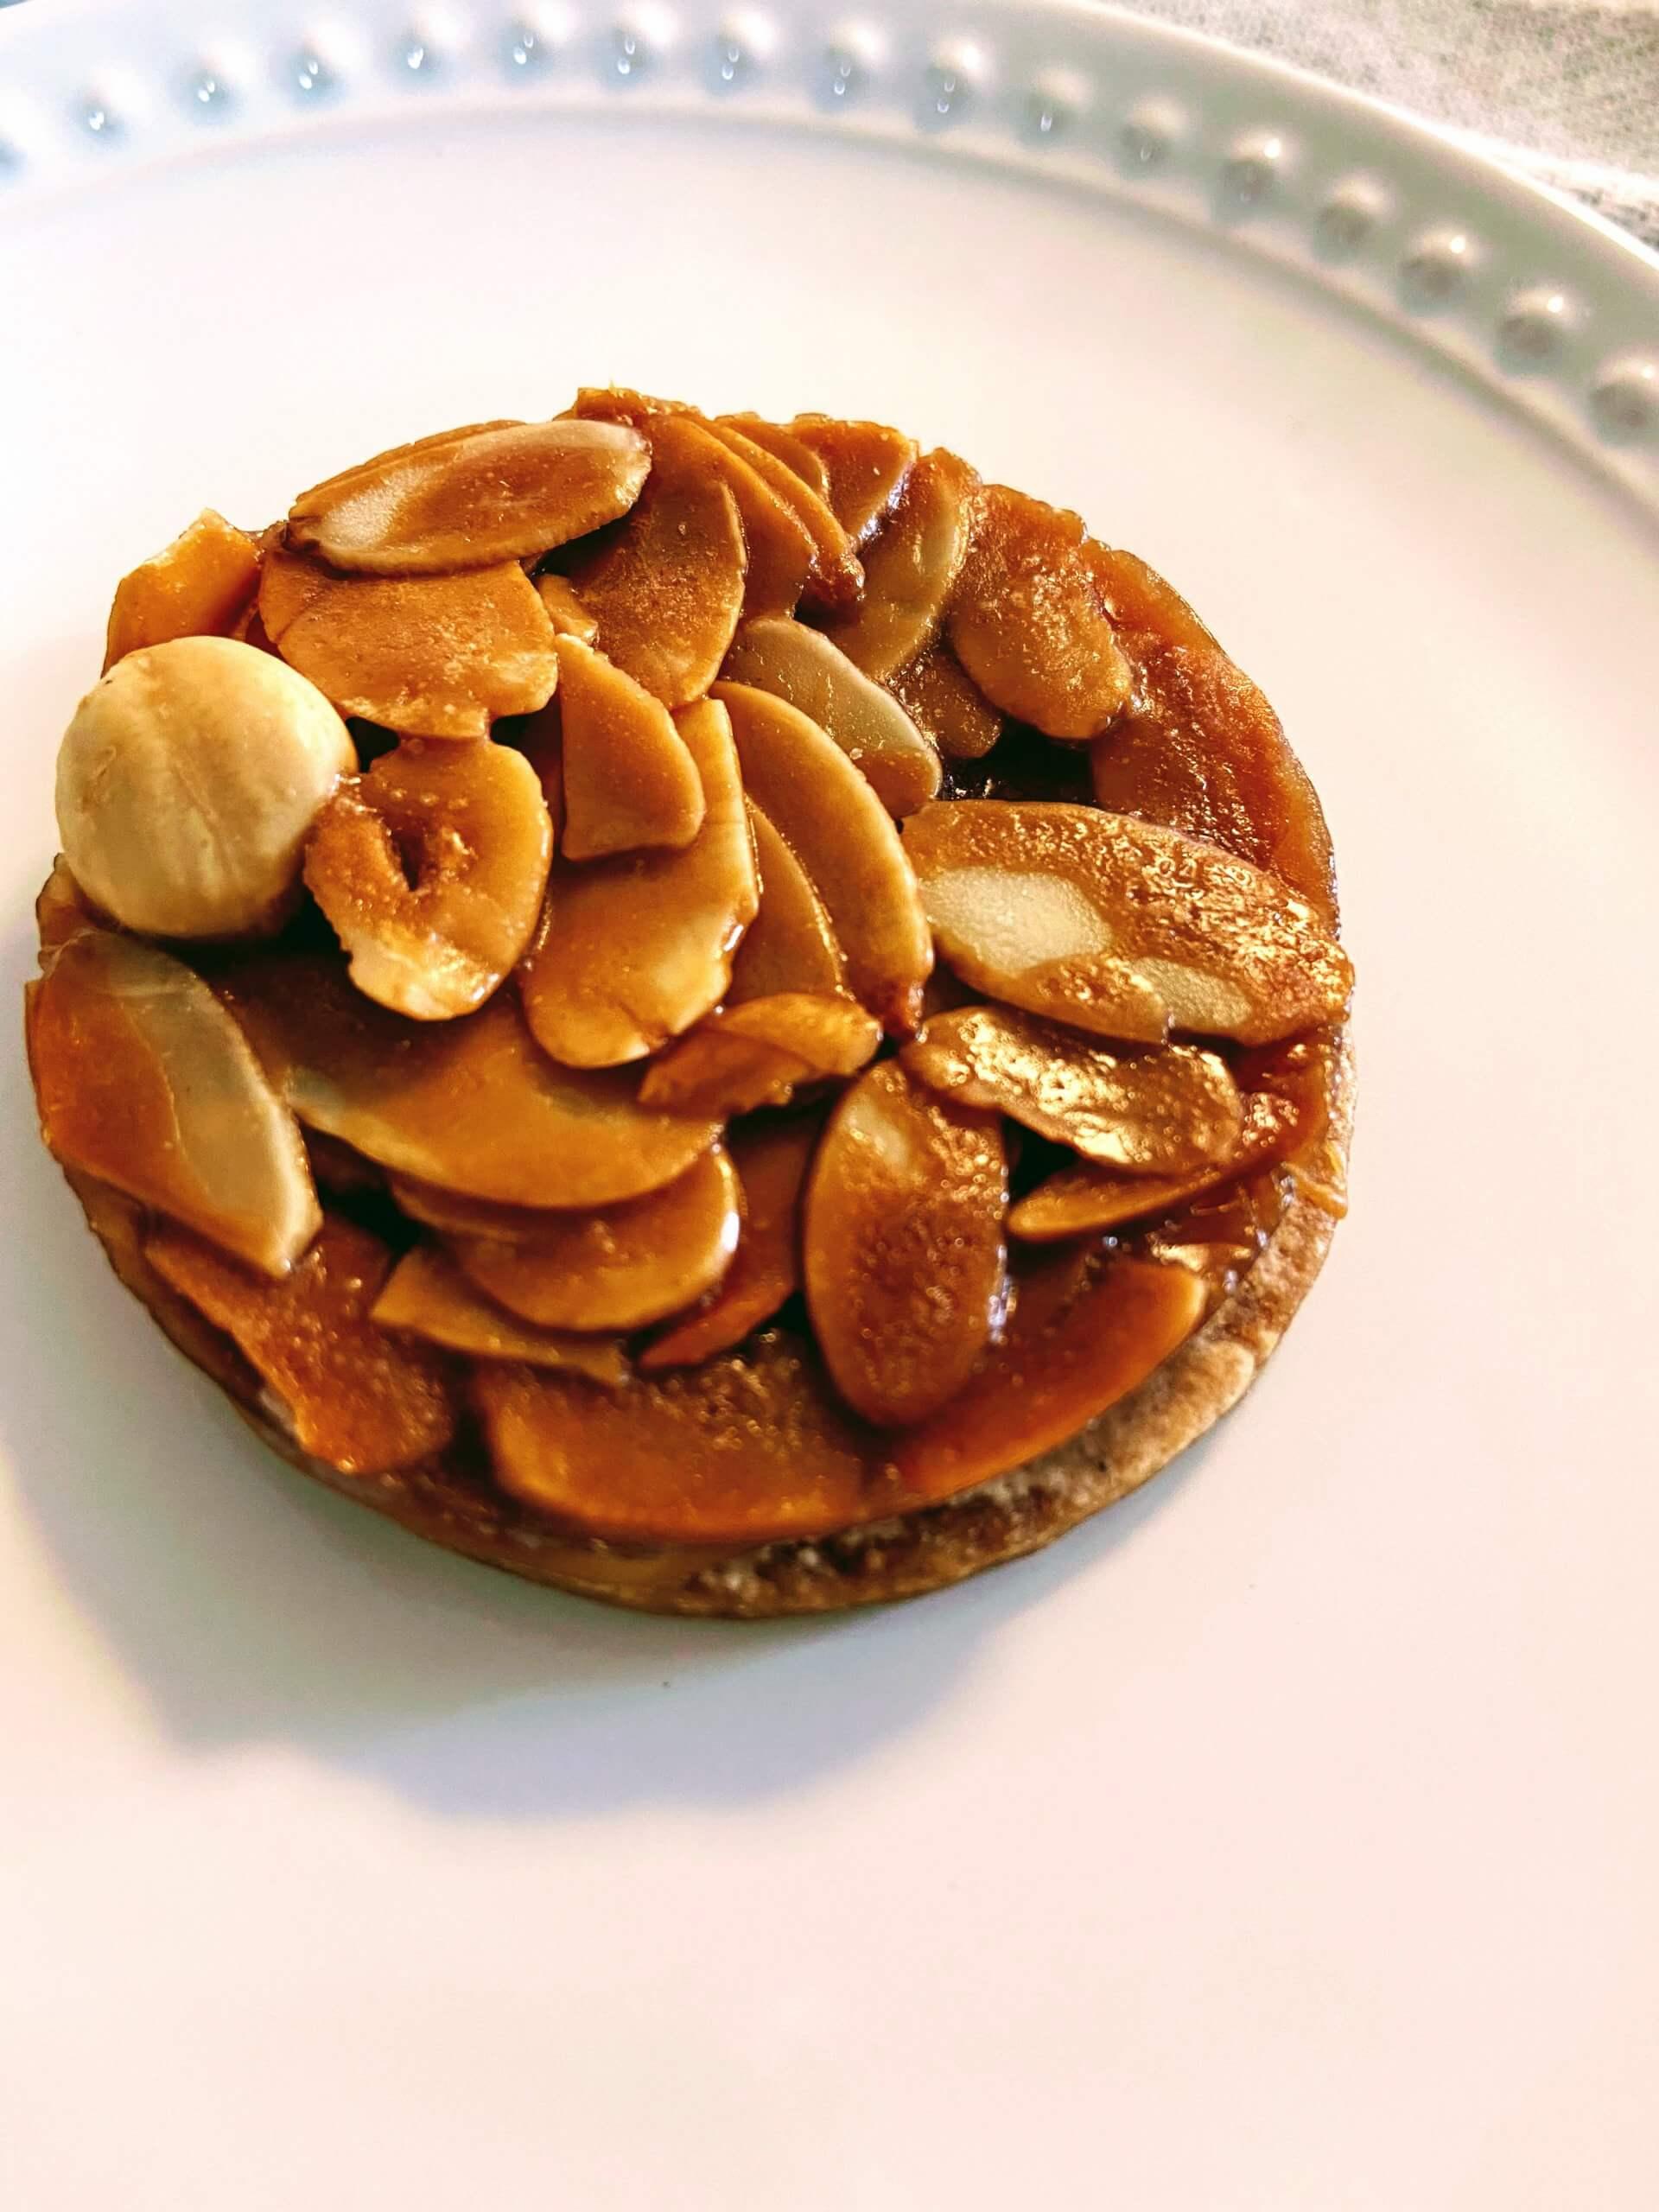 木の実のクッキーブロンド